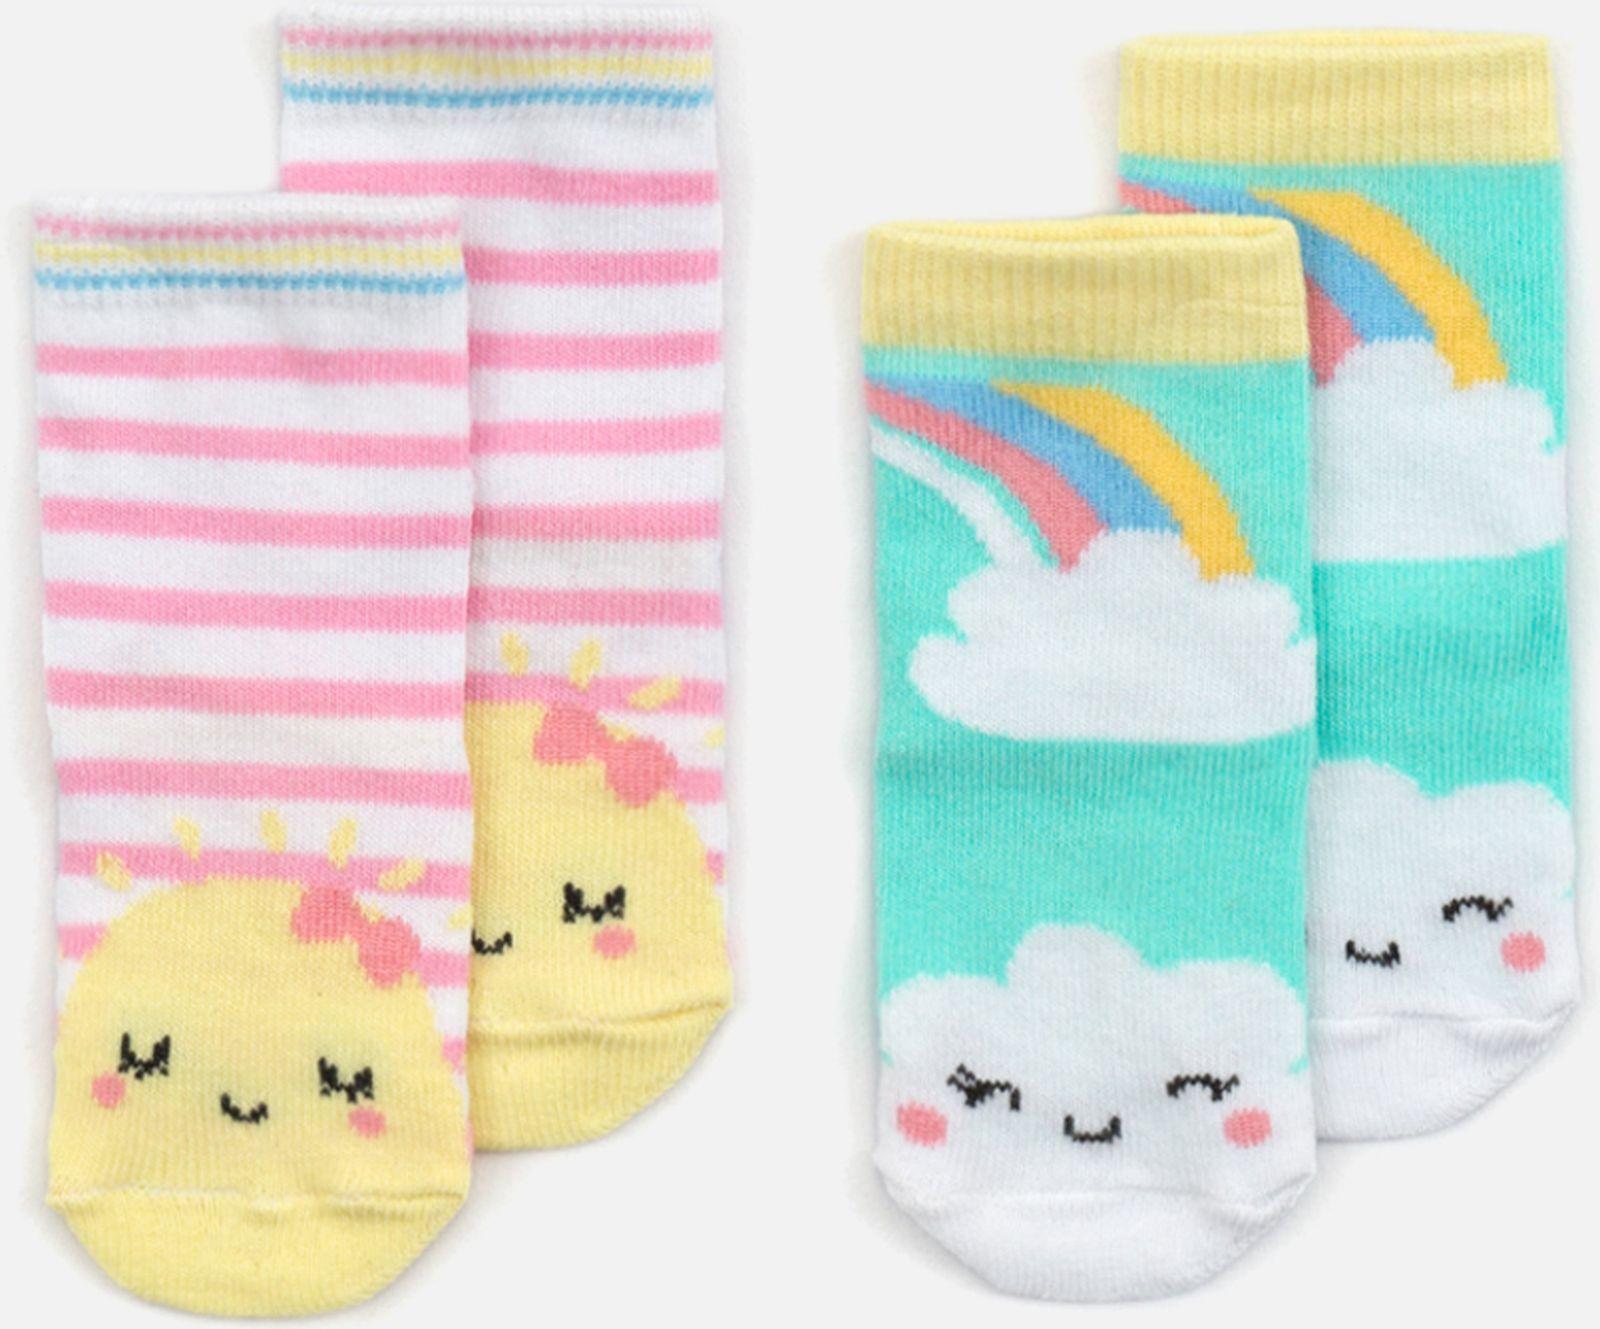 белье acoola носки детские 3 пары цвет ассорти размер 14 16 32224420039 Носки Acoola, 2 шт